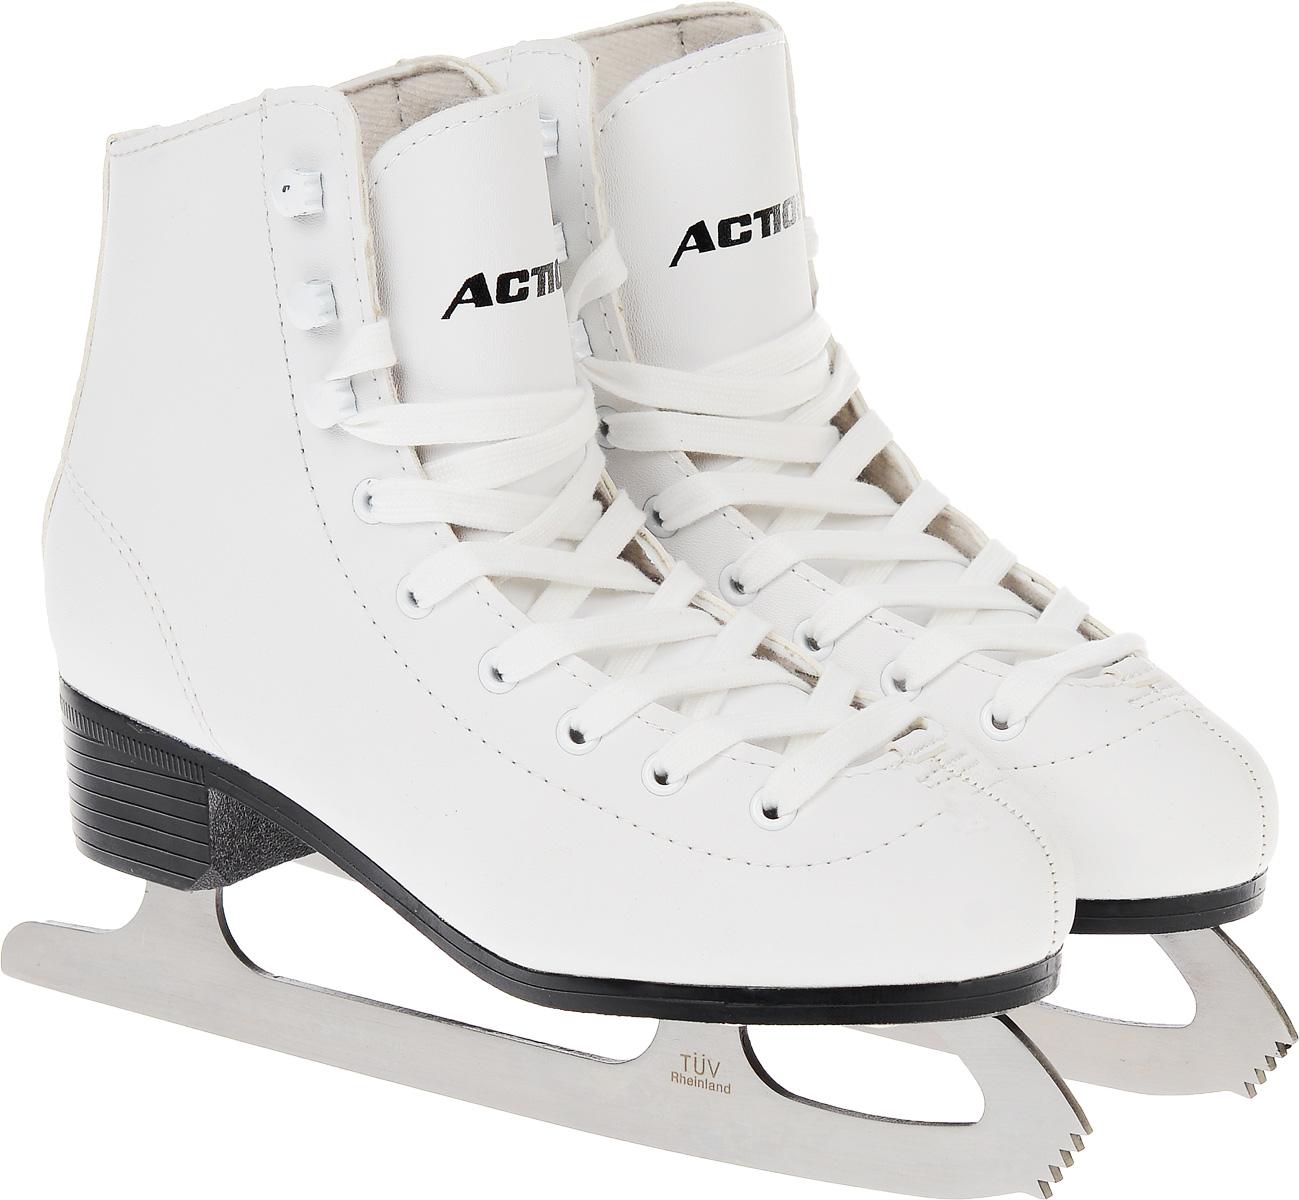 Коньки фигурные женские Action Sporting Goods, цвет: белый. PW-215. Размер 38PW-215_белый_38Высокий классический ботинок идеально подойдет для любительского катания. Модель снабжена системой быстрой шнуровки и поддержкой голеностопа. Верх ботинка выполнен из высококачественной искусственной кожи, подошва - твердый пластик.Лезвие изготовлено из нержавеющей стали со специальным покрытием, придающим дополнительную прочность.